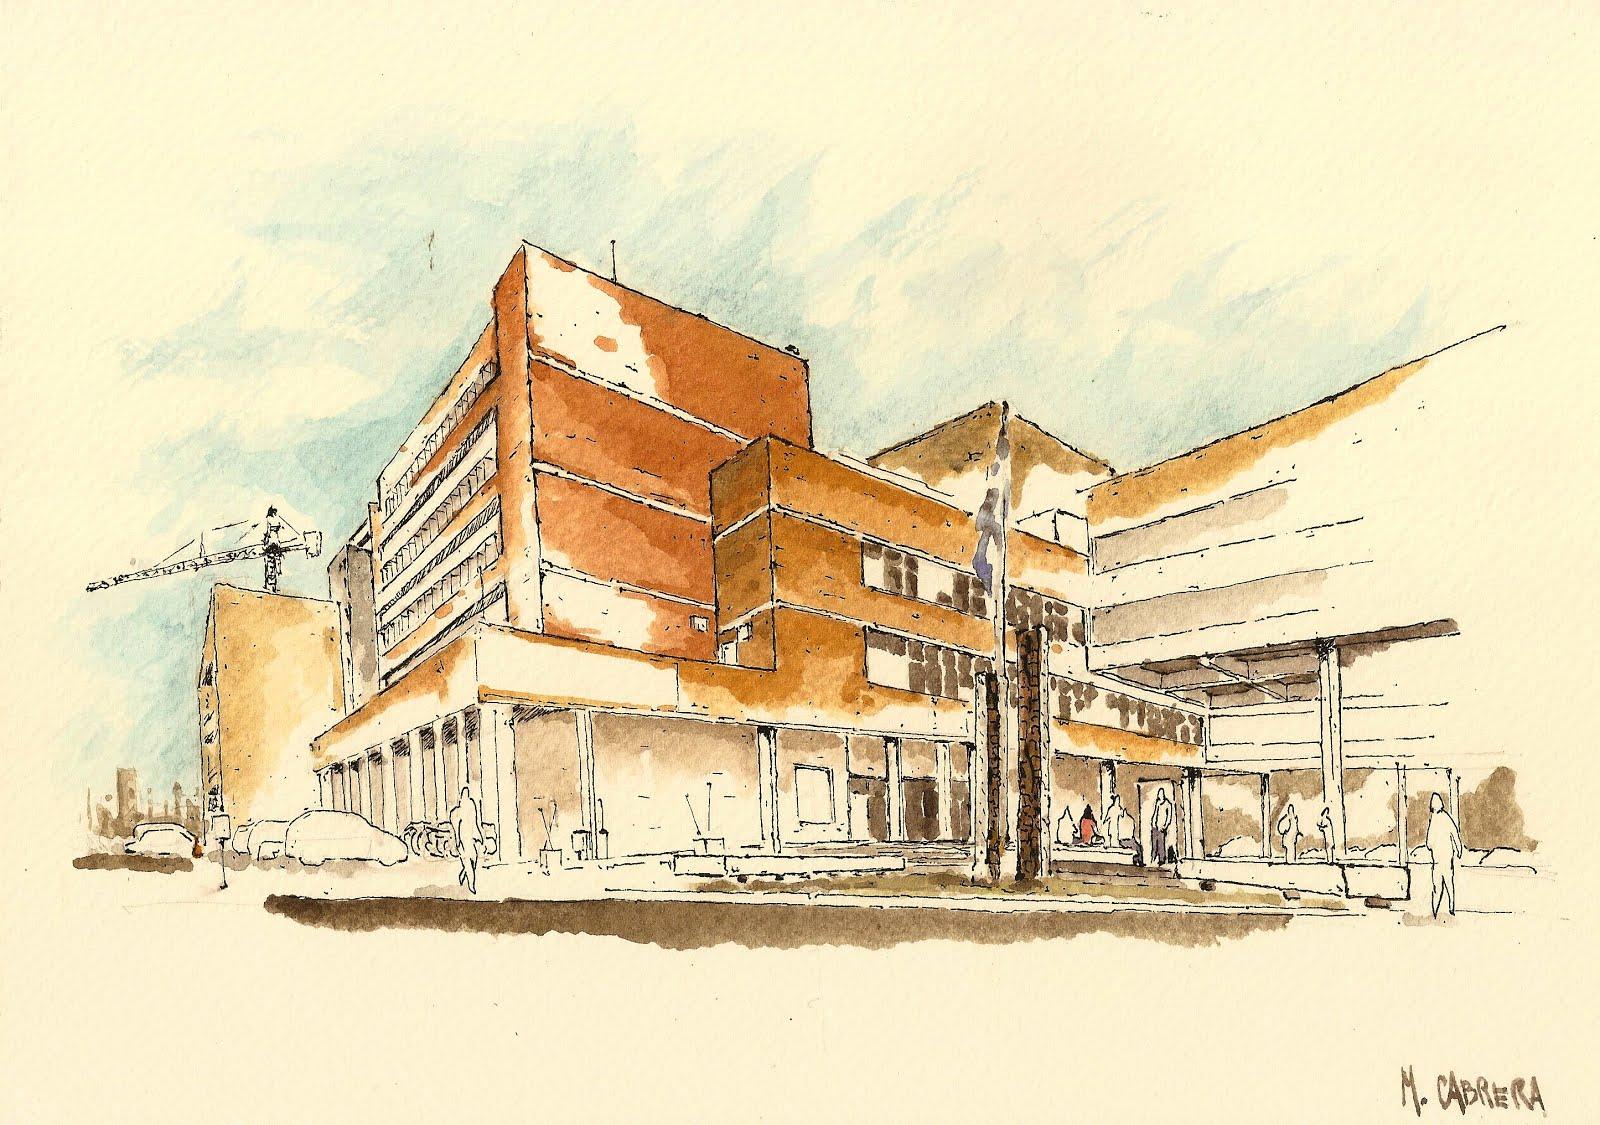 Facultad de arquitectura dise o y urbanismo santa fe - Arquitectura de diseno ...